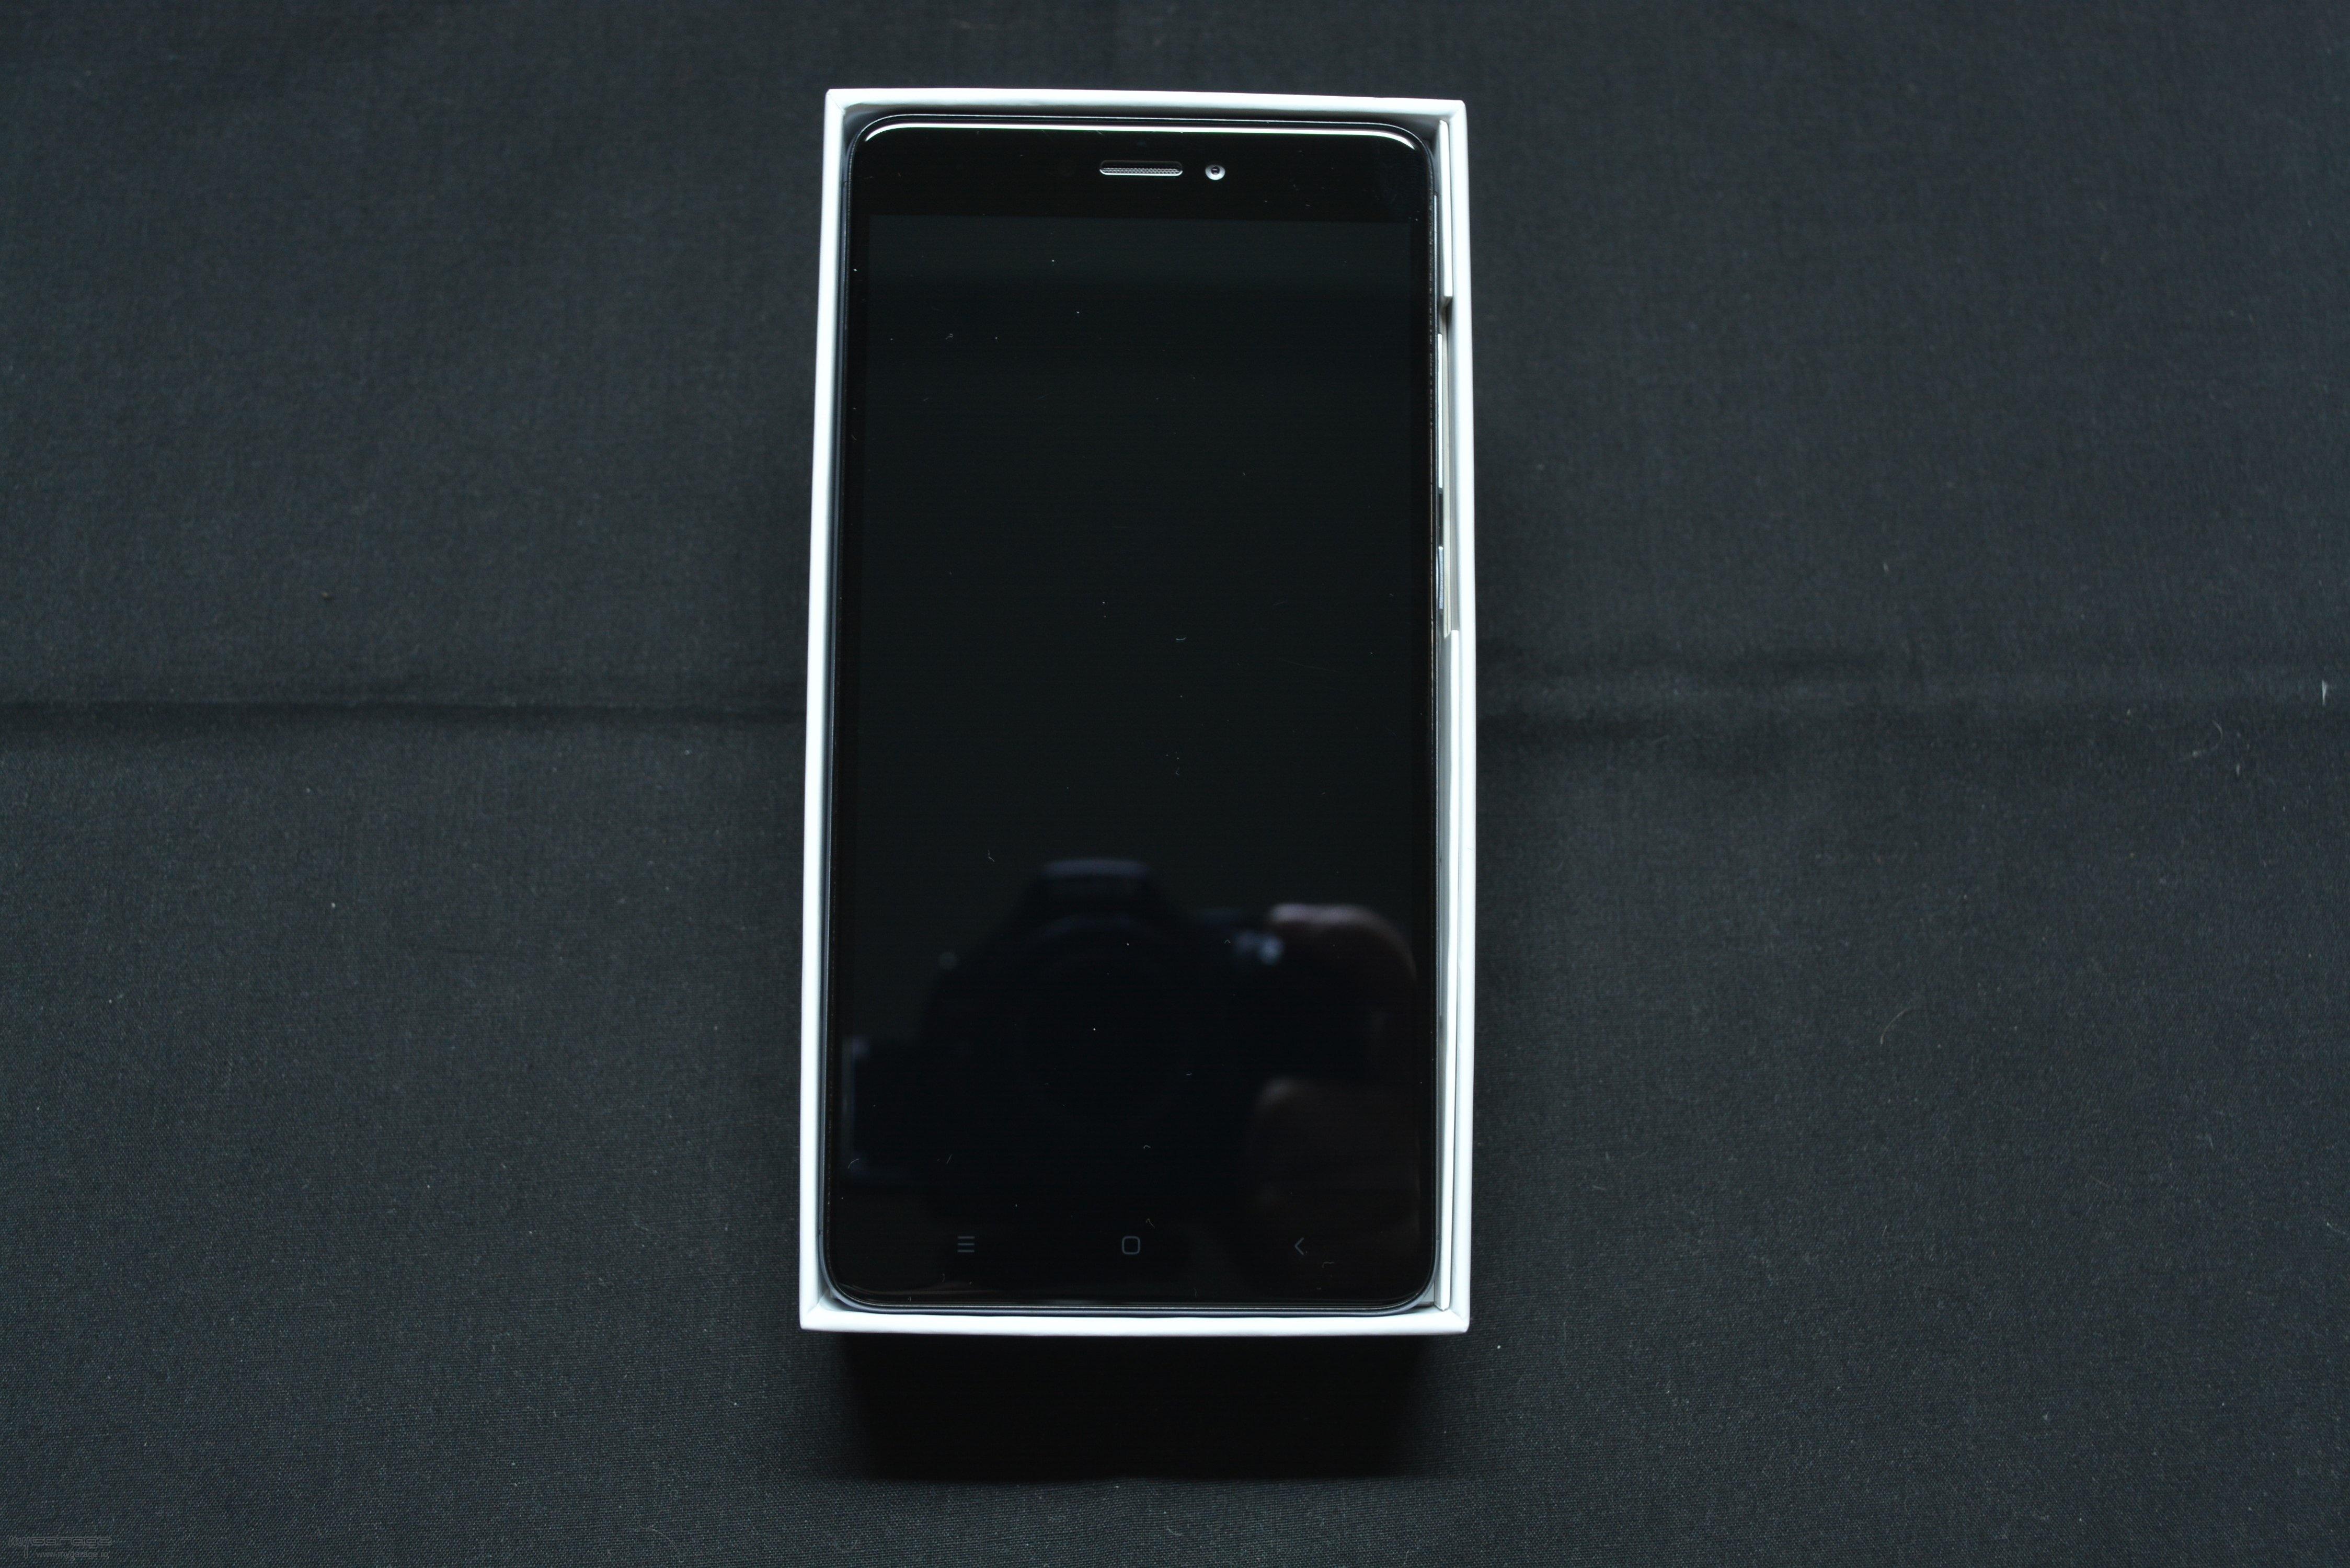 Review Smartphone Xiaomi Redmi Note 4x Octa Core 32gb 3gb Ram Dual